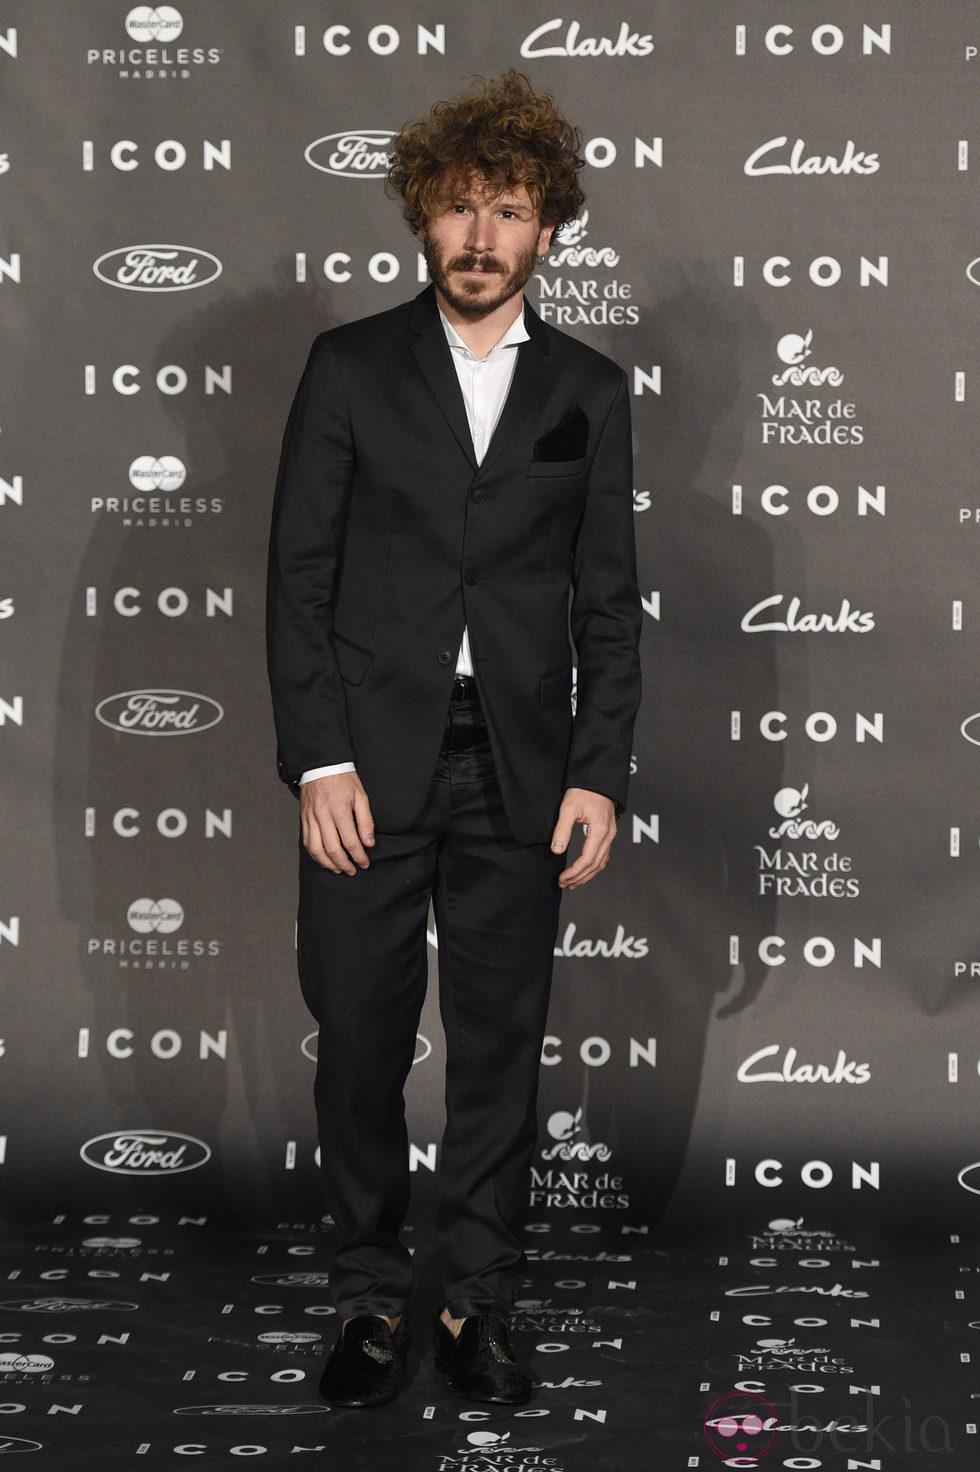 Rubén Ochandiano en los Premios Icon 2014